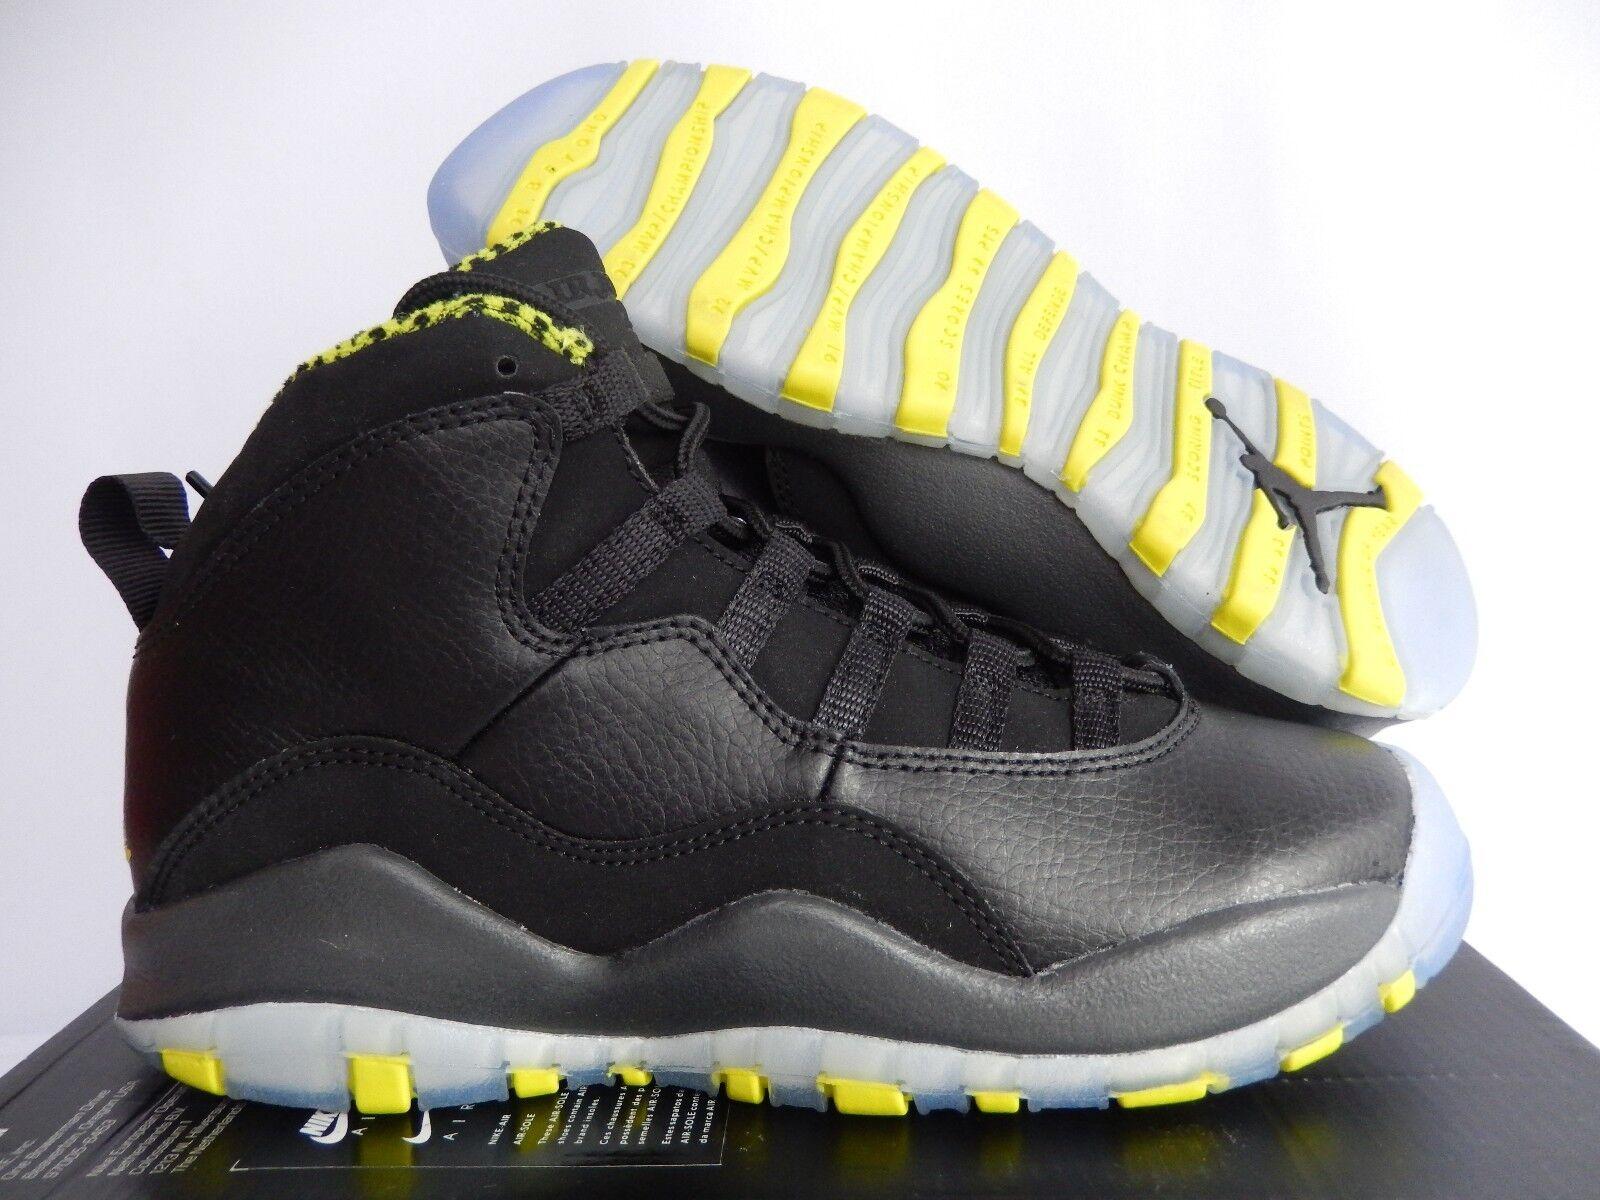 Nike Air Jordan 10 X Retro Retro Retro (grade-school) Negro-Venom tamaño 4Y-Para Mujer Talla 5.5  80% de descuento